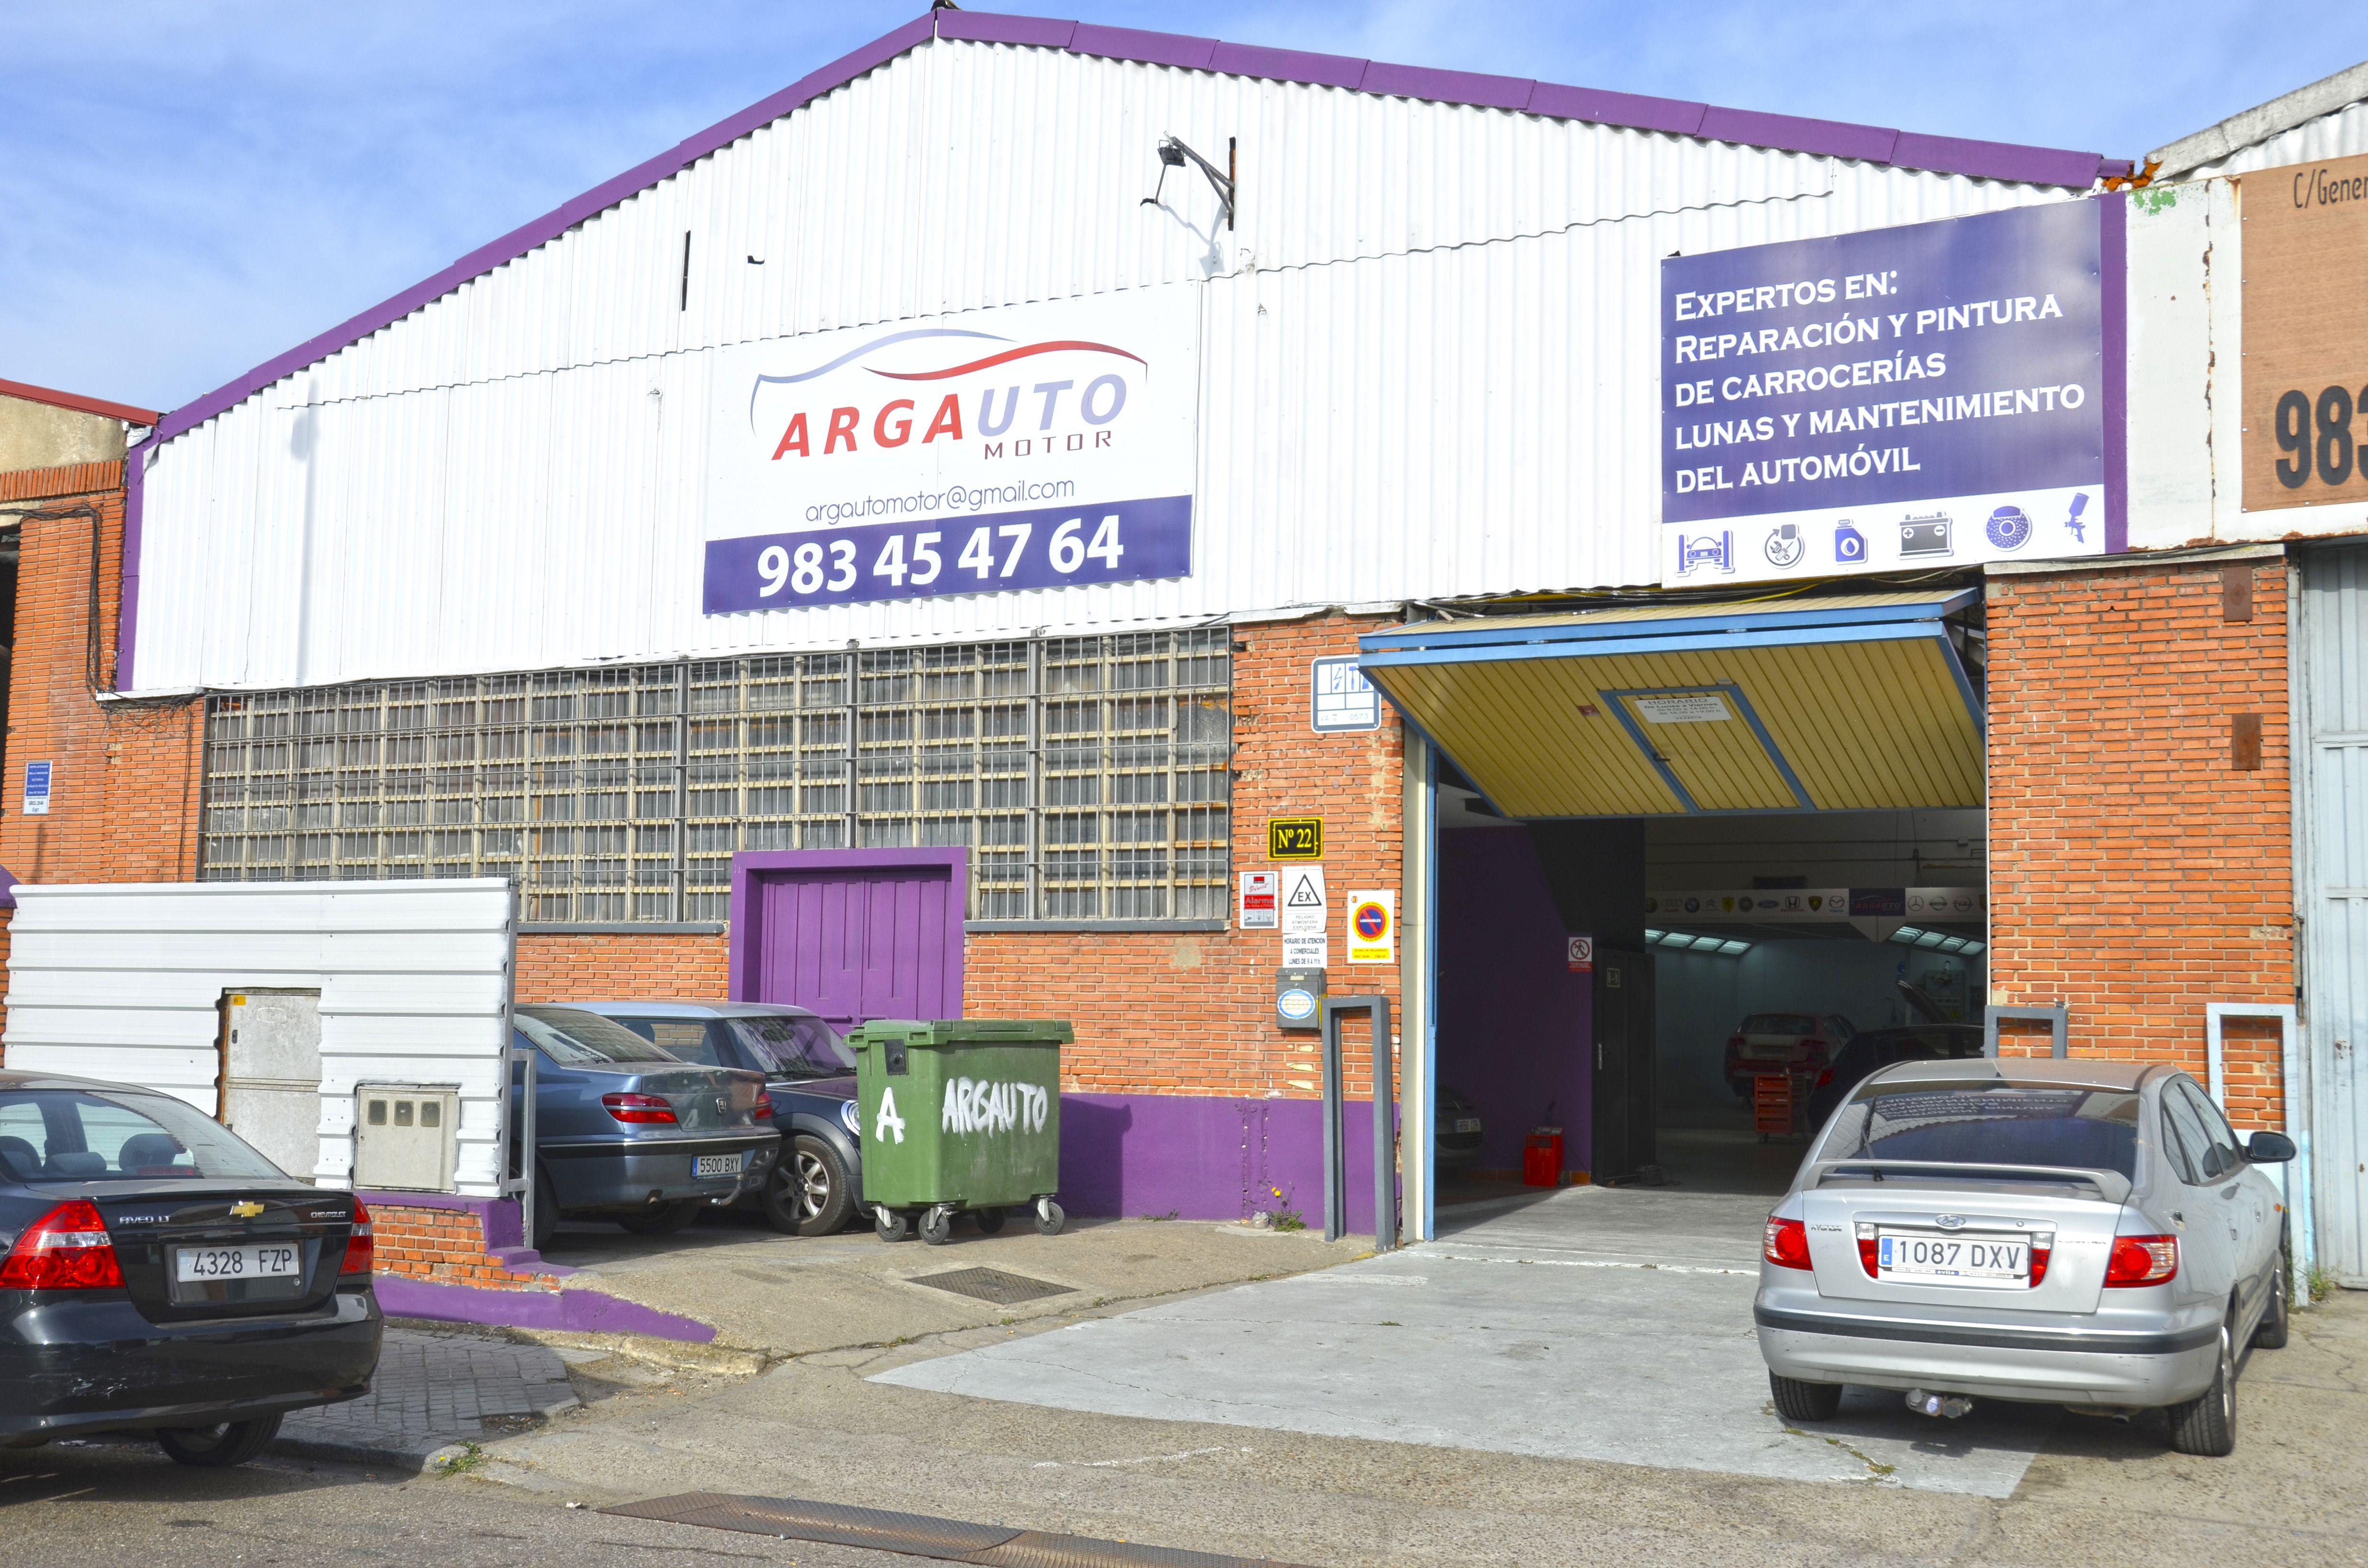 Foto 2 de Mecánica del automóvil en Valladolid | Argauto Motor